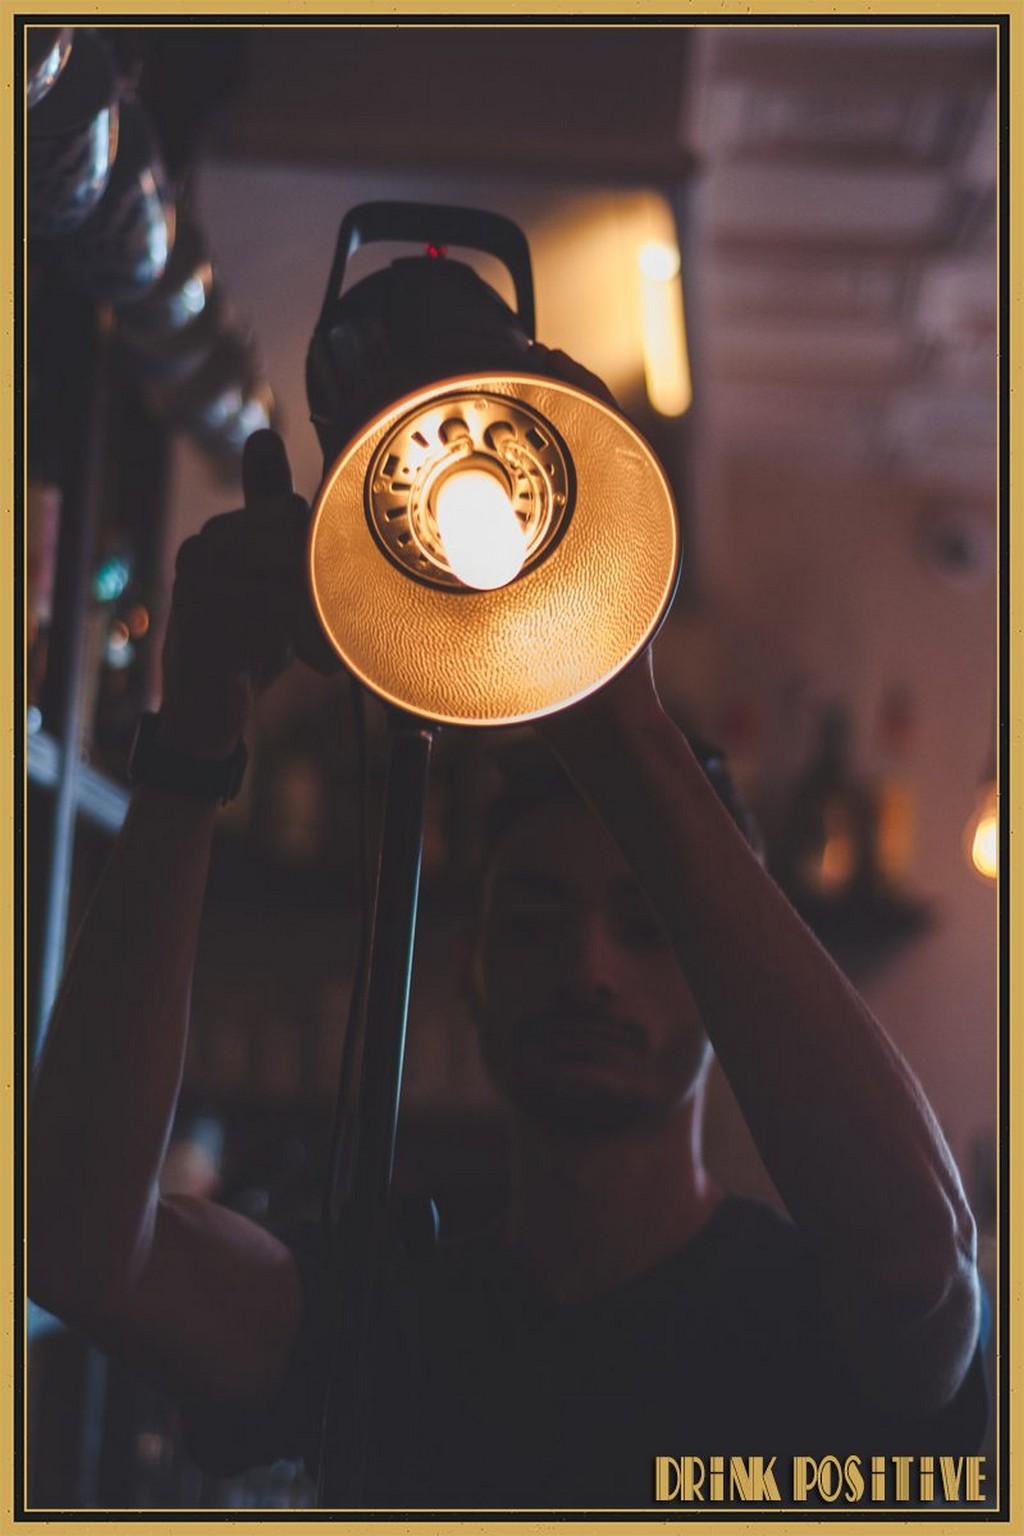 fabio_camboni_Gaeta_Drink_Positive_consulenze__apertura_locali_corsi_barman_011